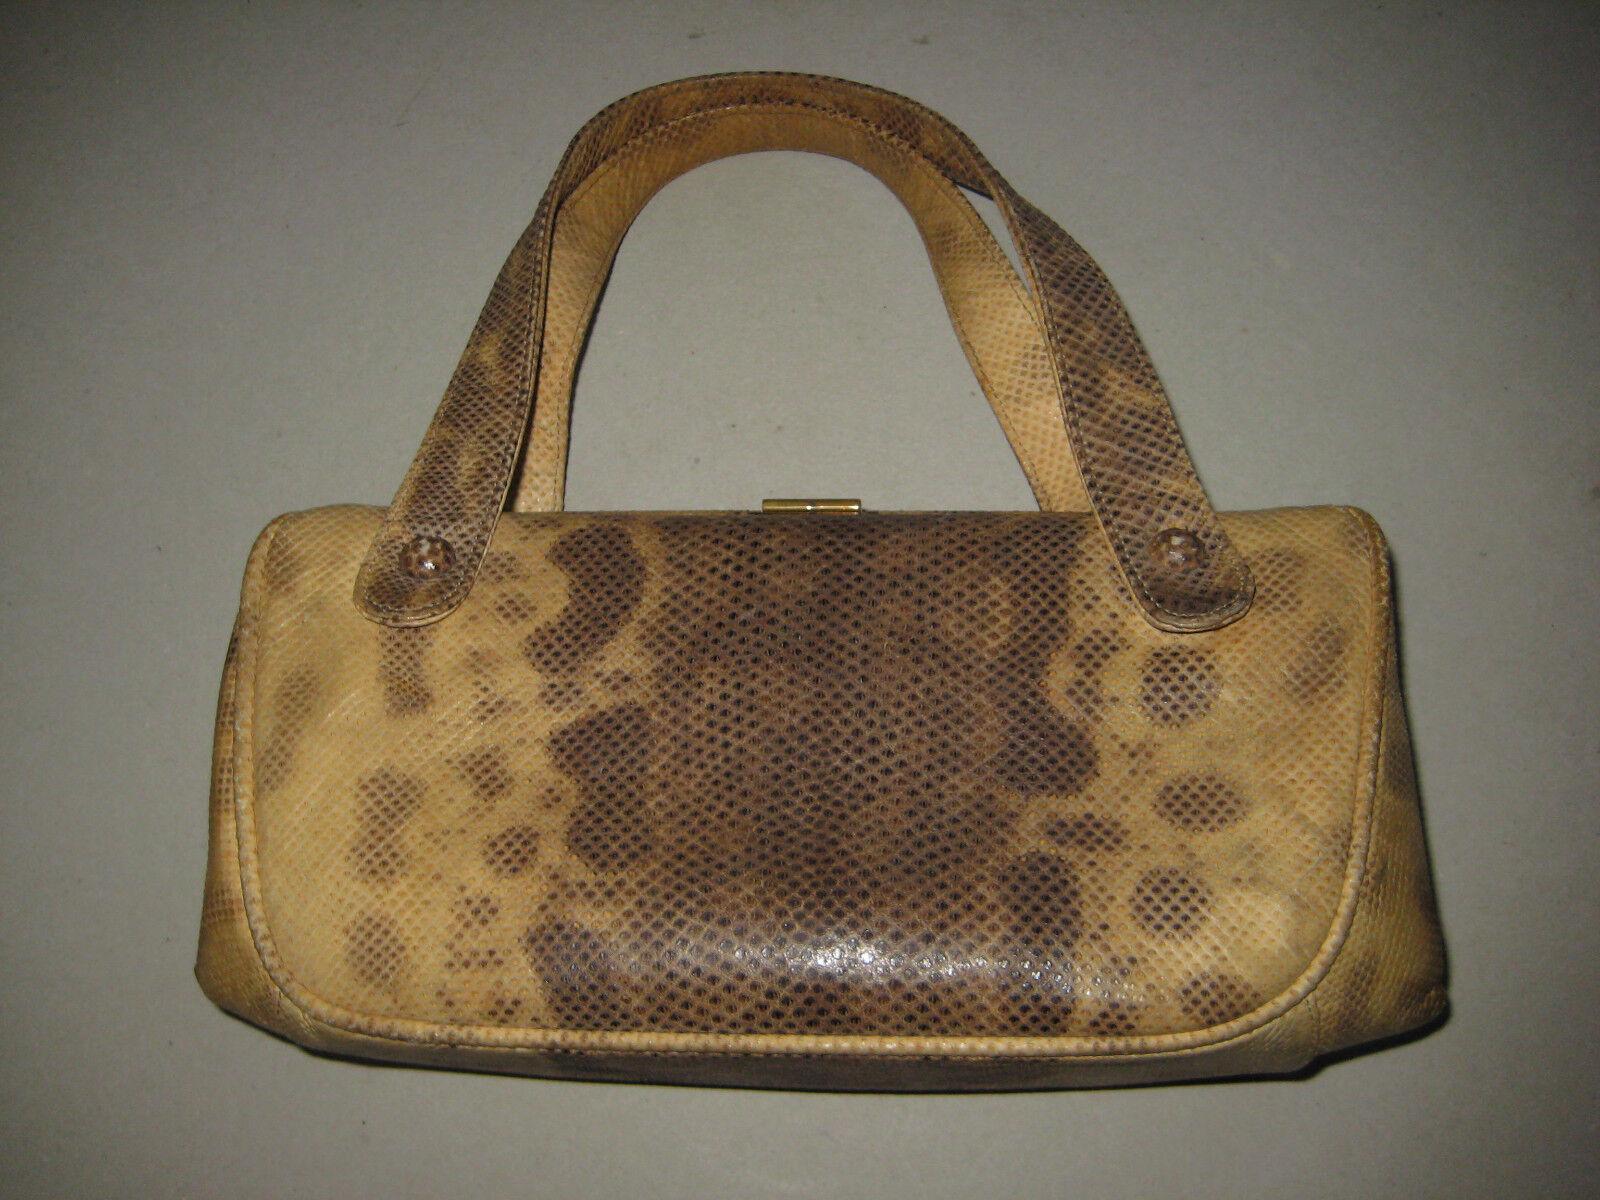 Damen Handtasche Tasche hell    braun Vintage  Leder Schlange Piton | Wirtschaftlich und praktisch  | Deutschland Outlet  | Economy  | Modernes Design  a1711b